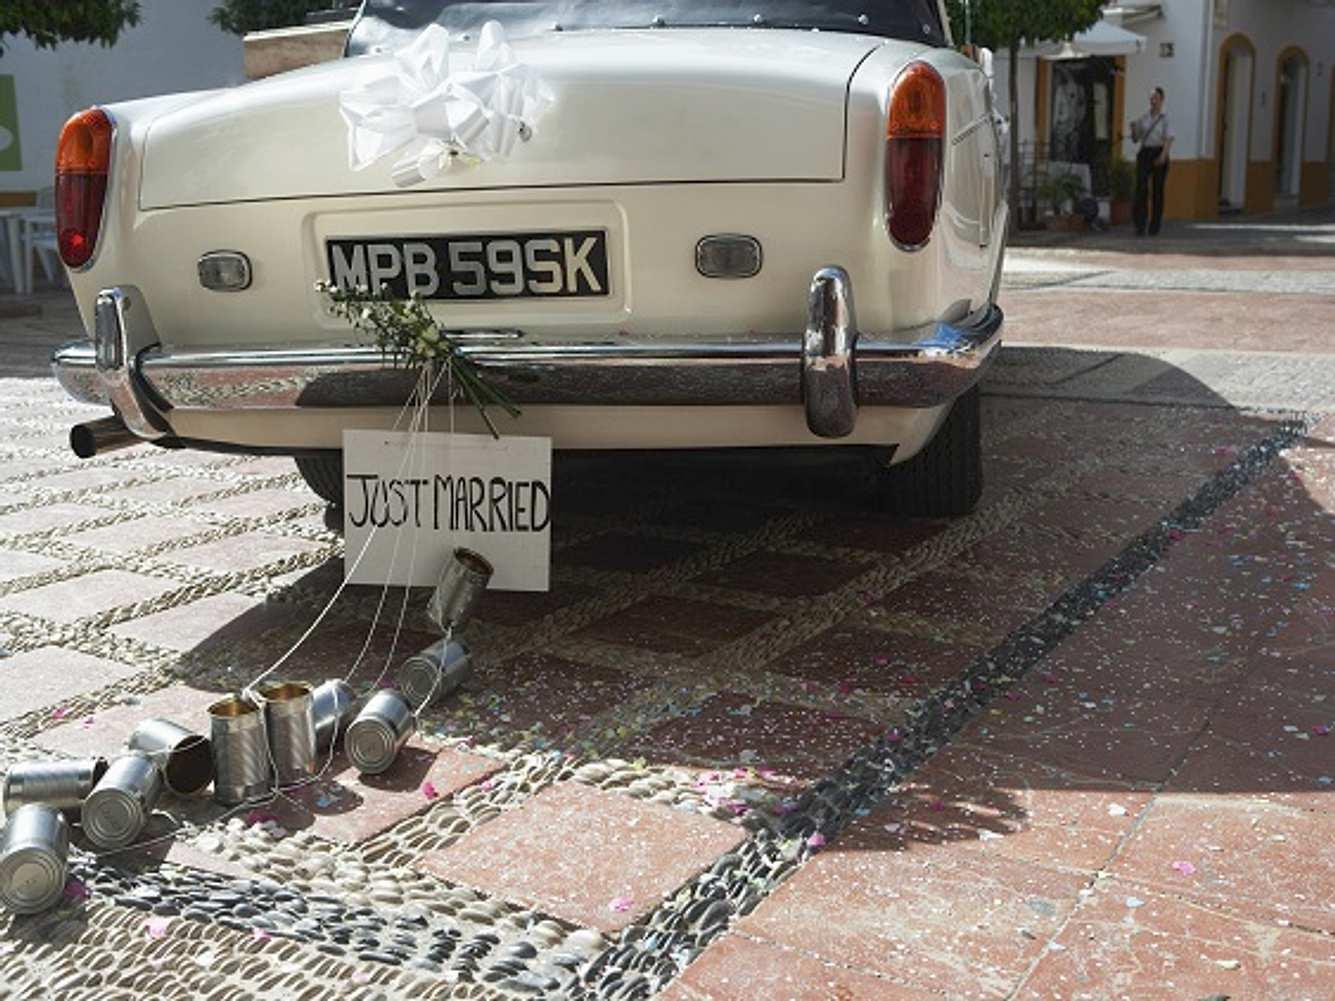 Autoschmuck für Hochzeiten an weißem Auto